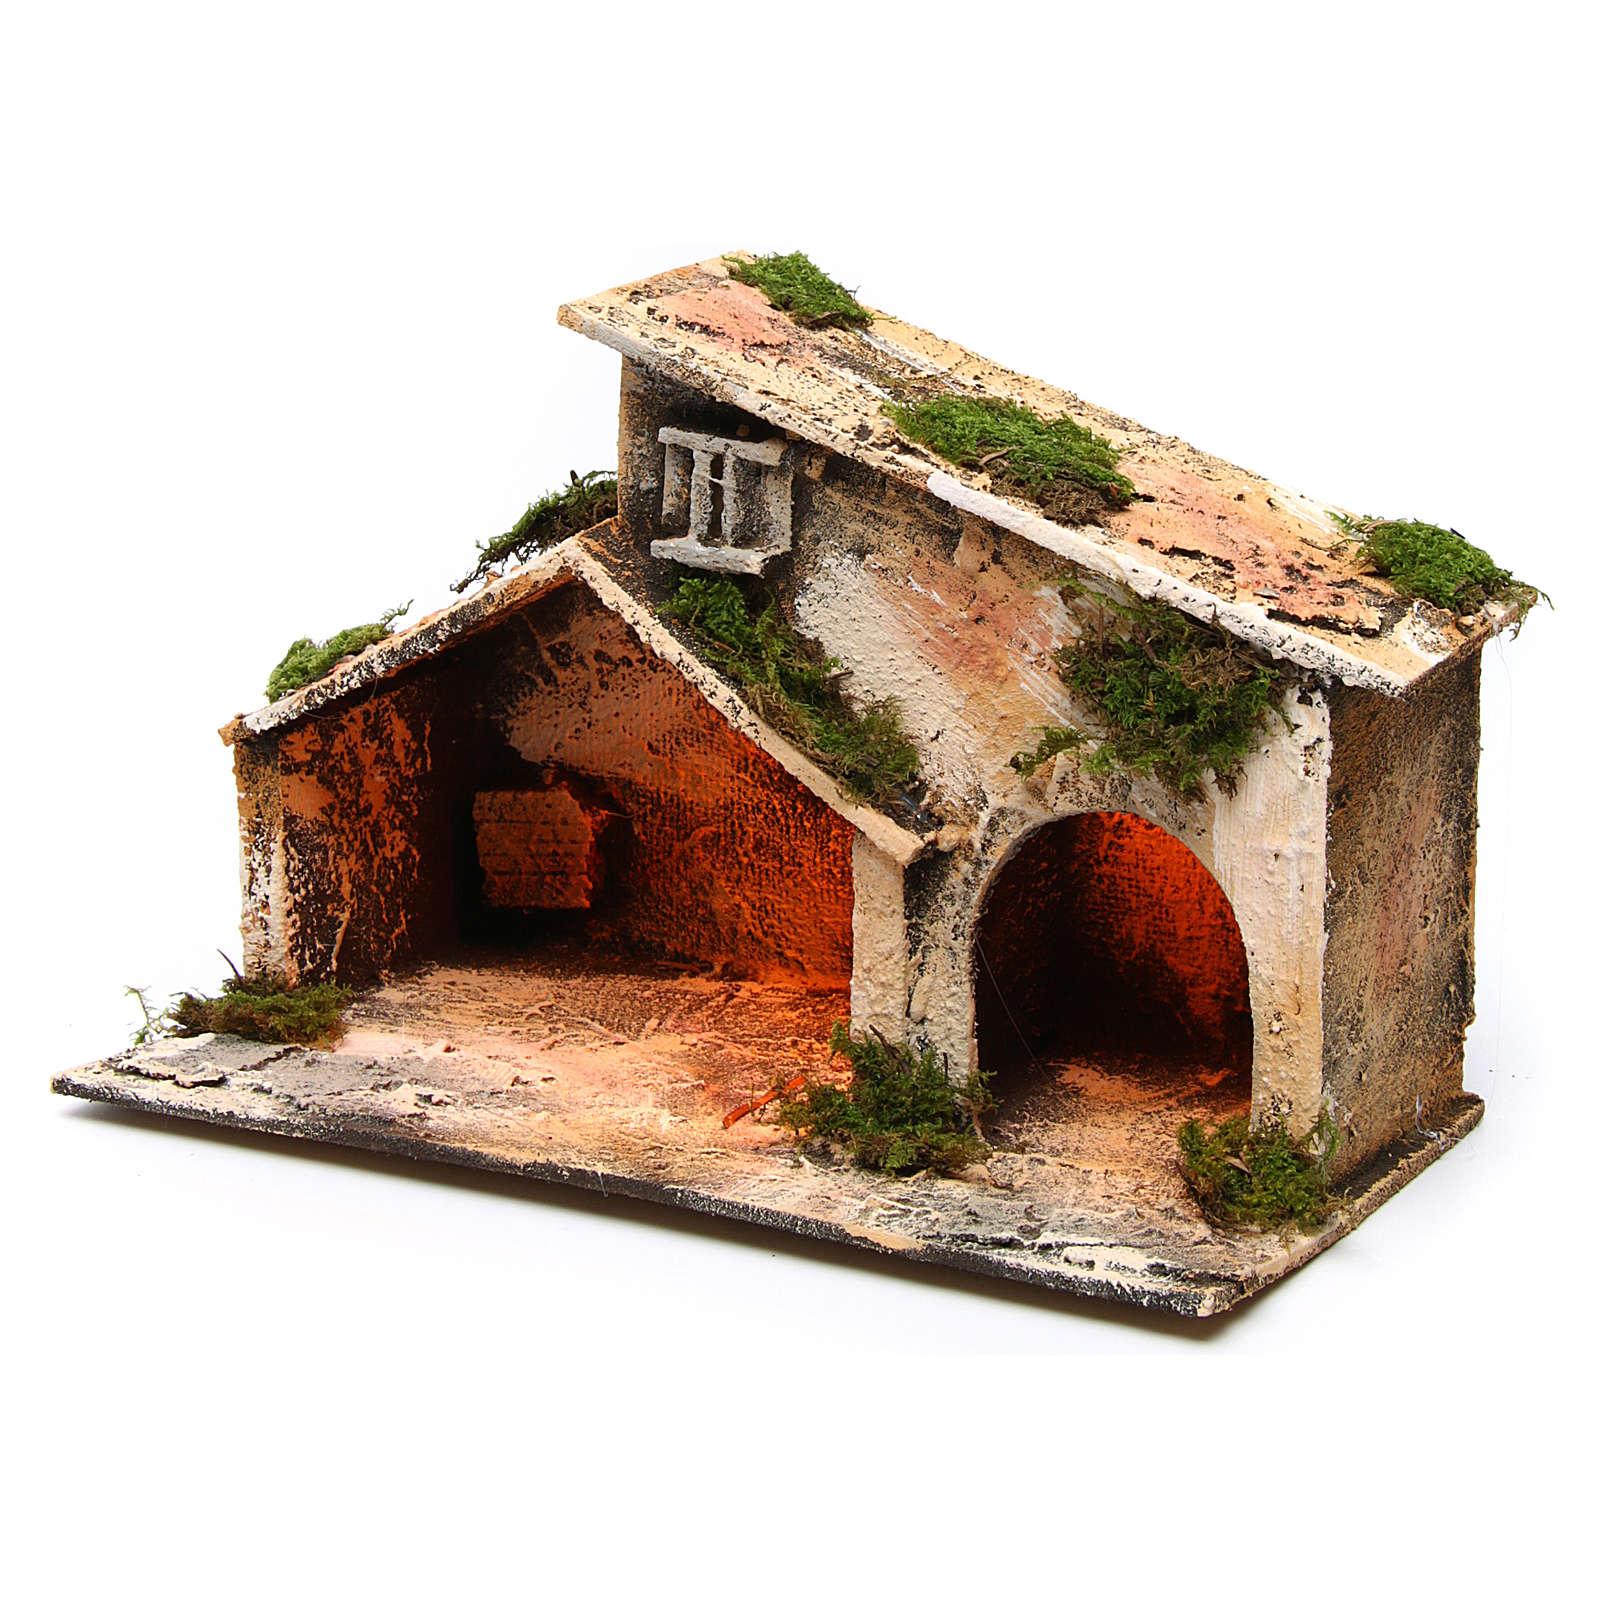 Establo madera paja belén Nápoles 16x24x14 cm 4